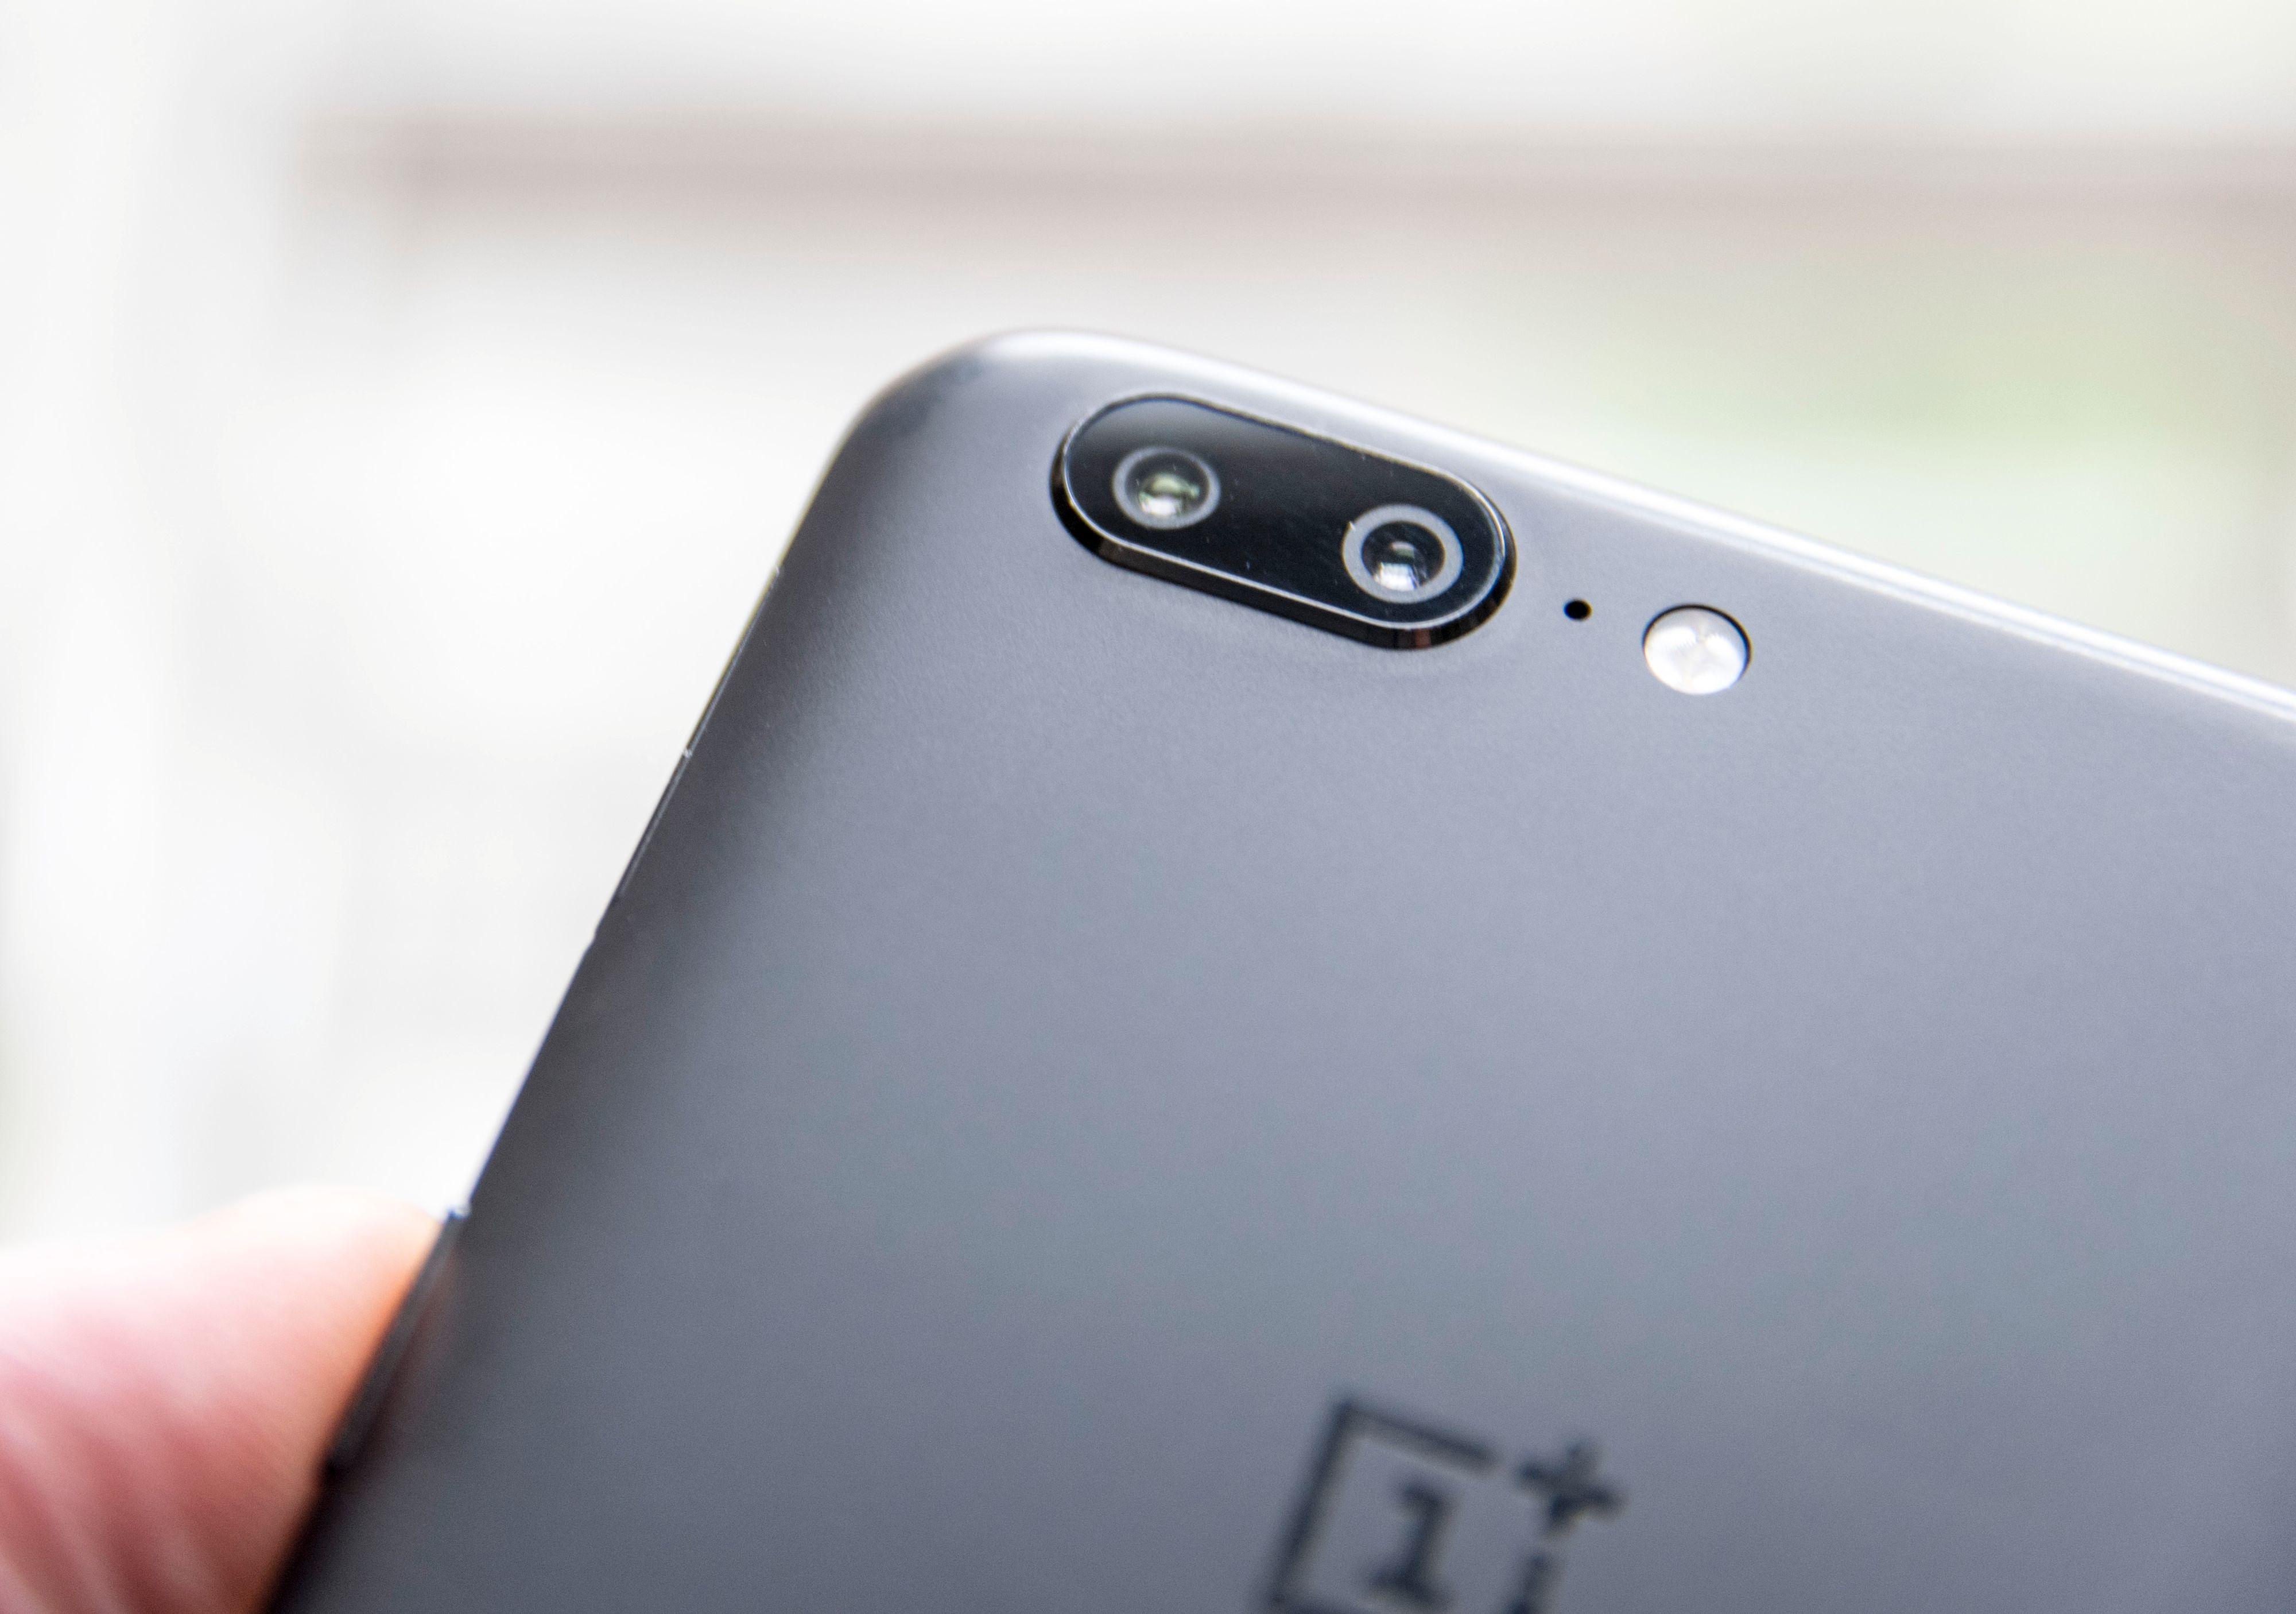 Den lille kameratuten på baksiden har et par trivelige egenskaper, så som 1,6 ganger optisk zoom. Men det er litt mye støy i bildene denne telefonen tar.